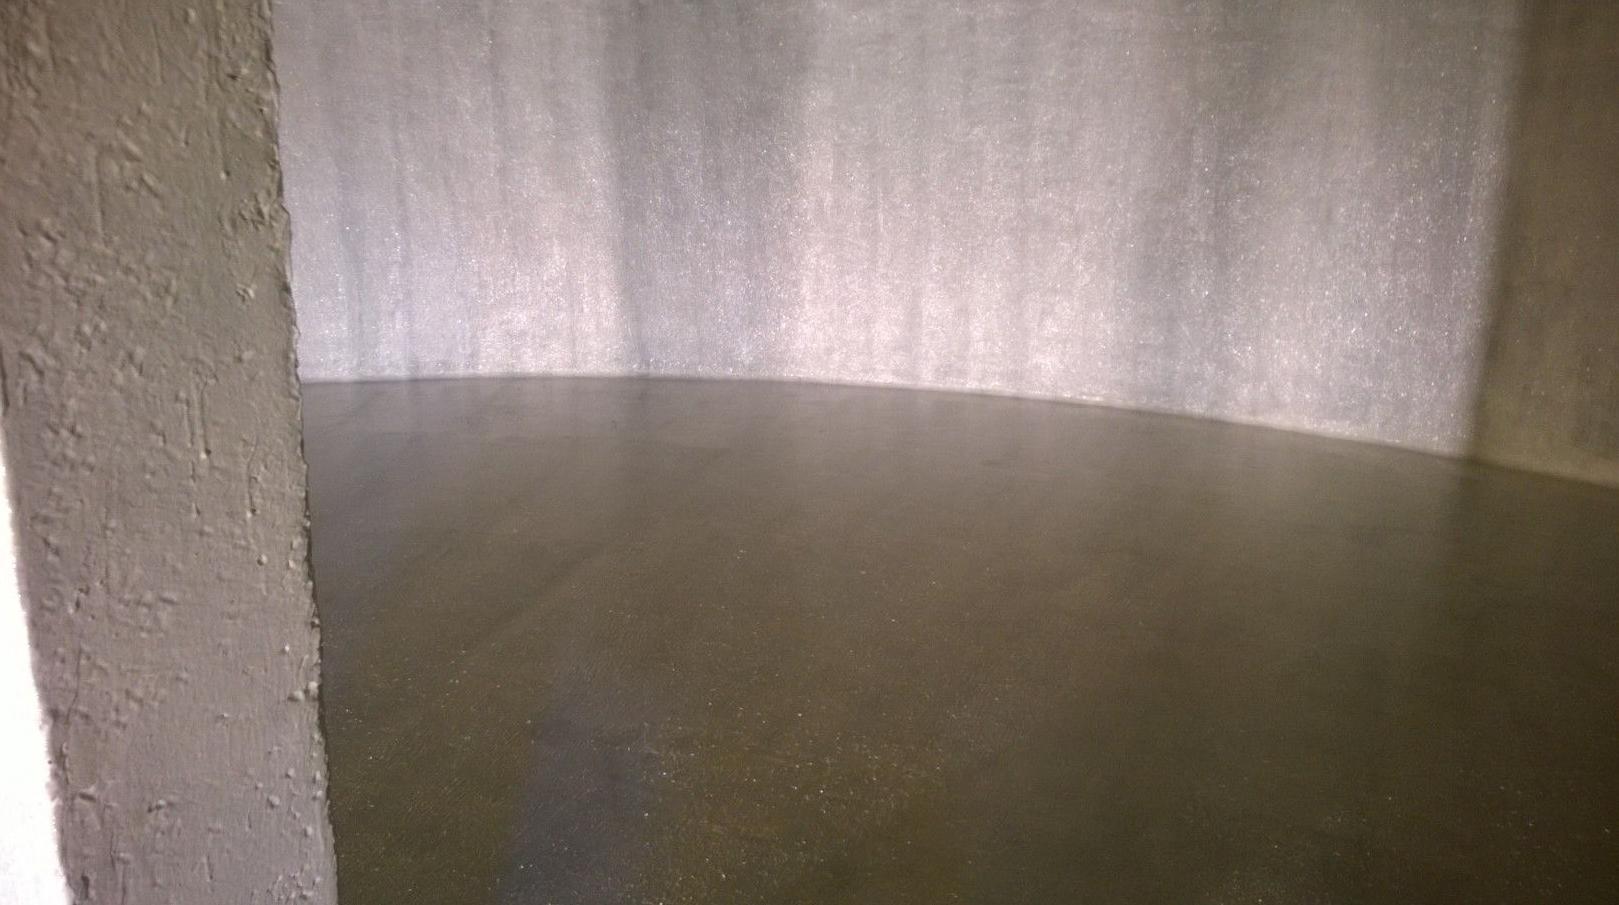 Impermeabilizacion paredes,viga y suelo deposito subterraneo.